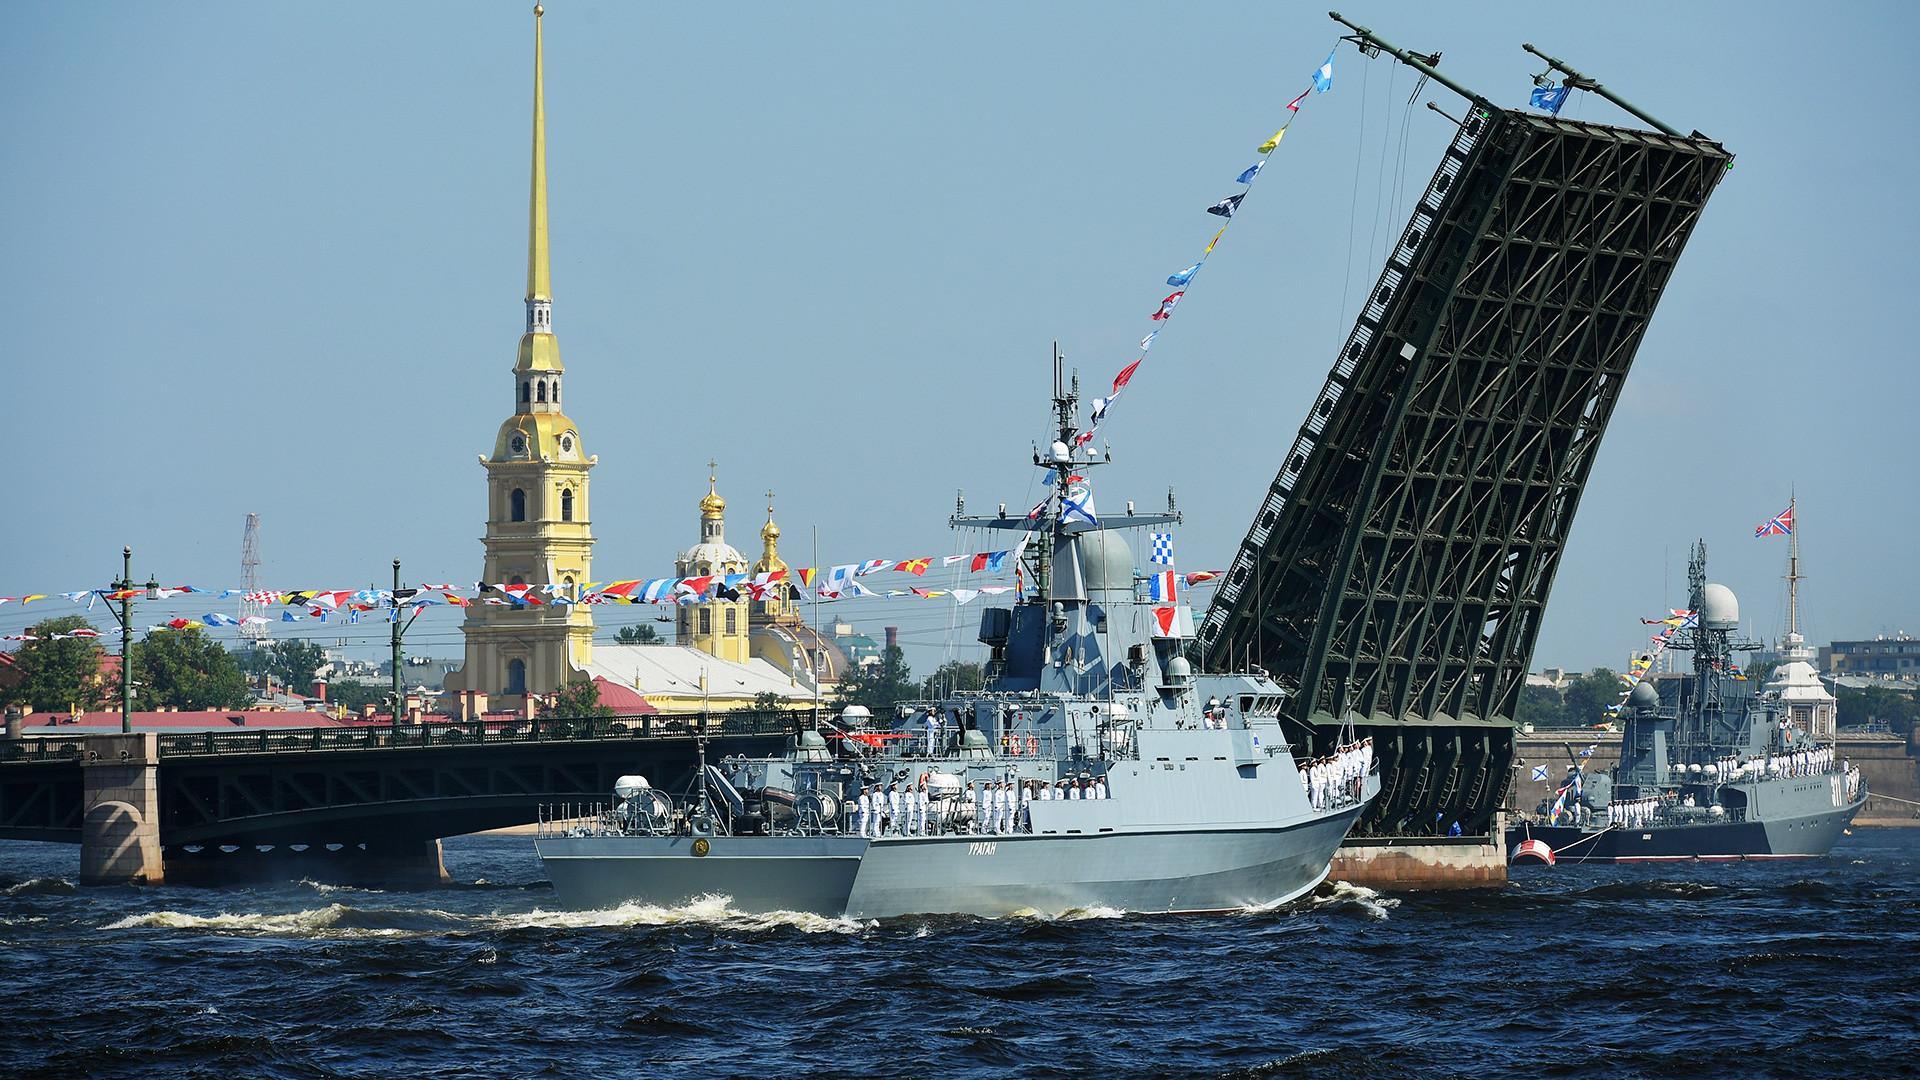 """Мали ракетни брод """"Ураган"""" на главној поморској војној паради у Санкт Петербургу поводом Дана Ратне морнарице Русије."""